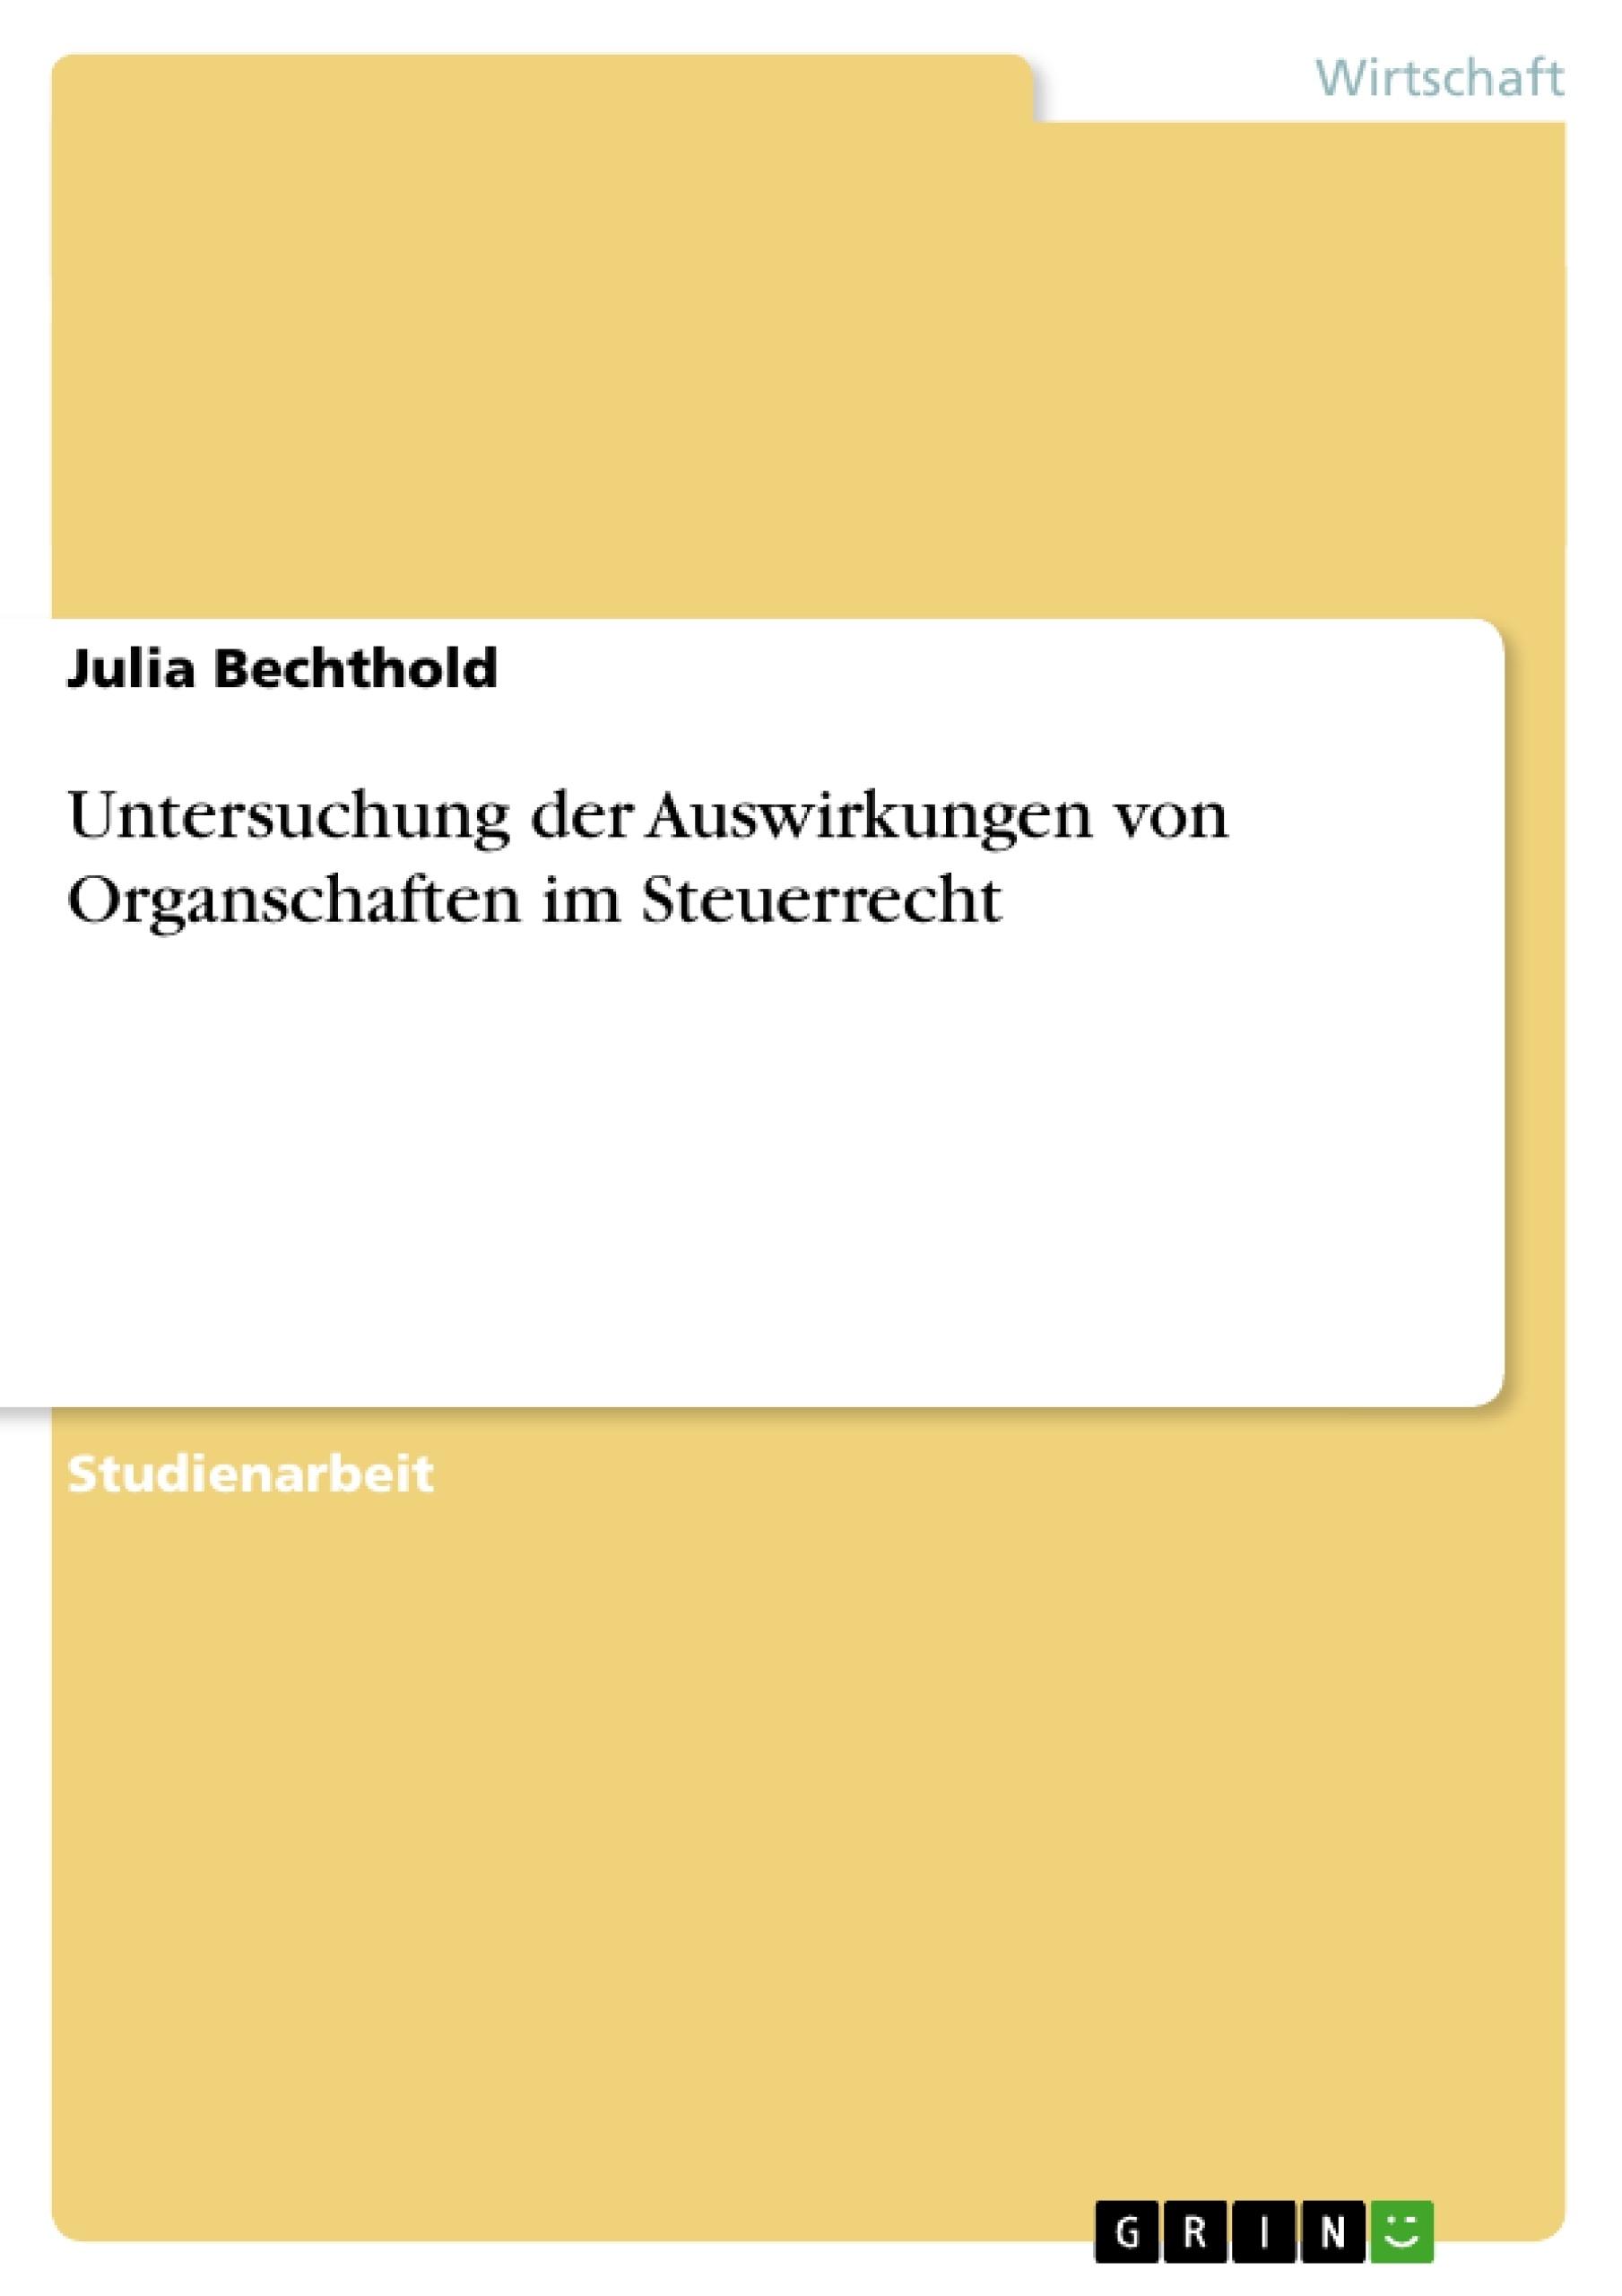 Titel: Untersuchung der Auswirkungen von Organschaften im Steuerrecht